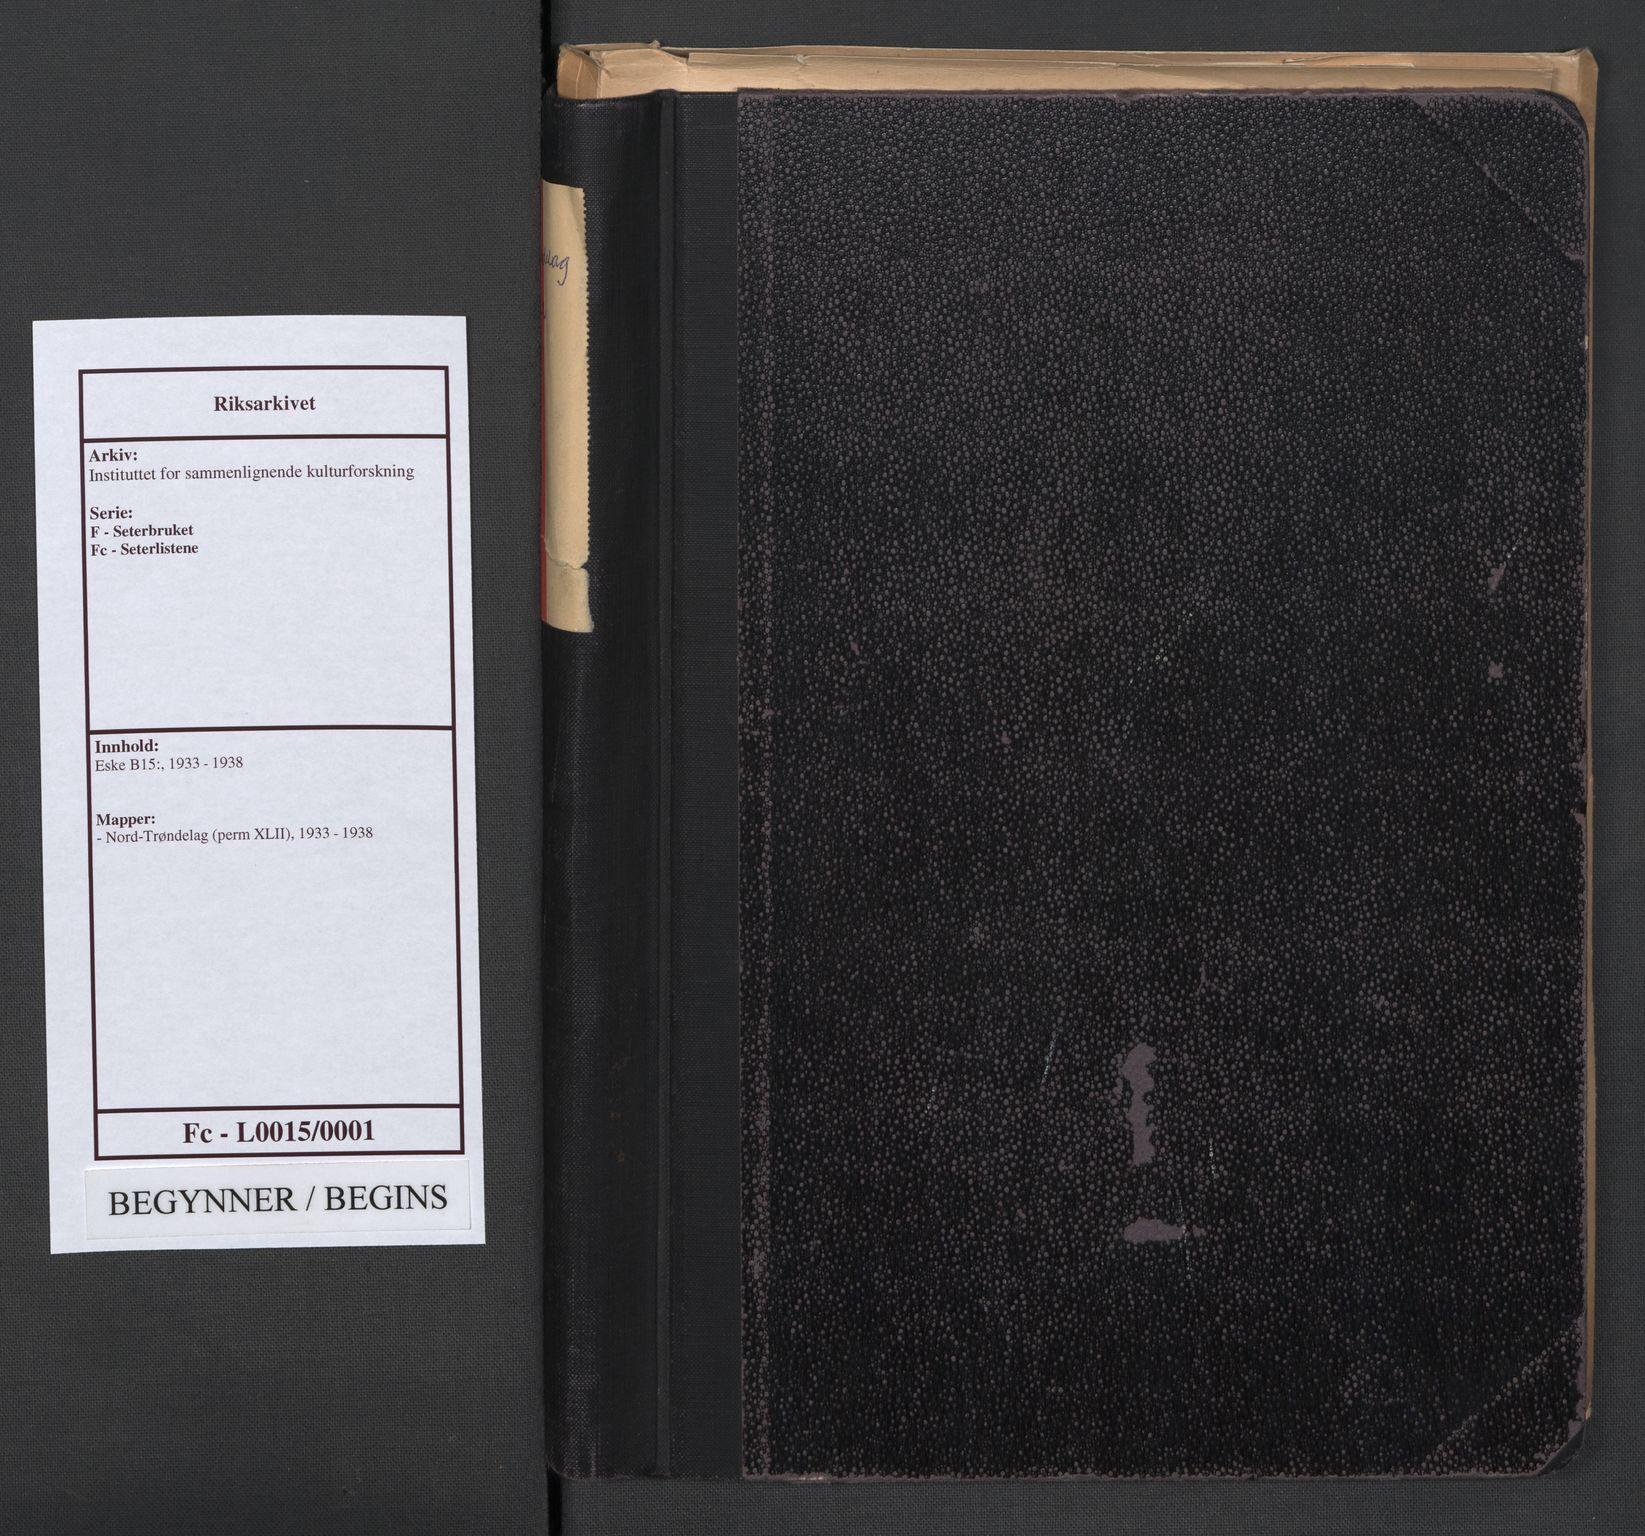 RA, Instituttet for sammenlignende kulturforskning, F/Fc/L0015: Eske B15:, 1933-1938, s. upaginert